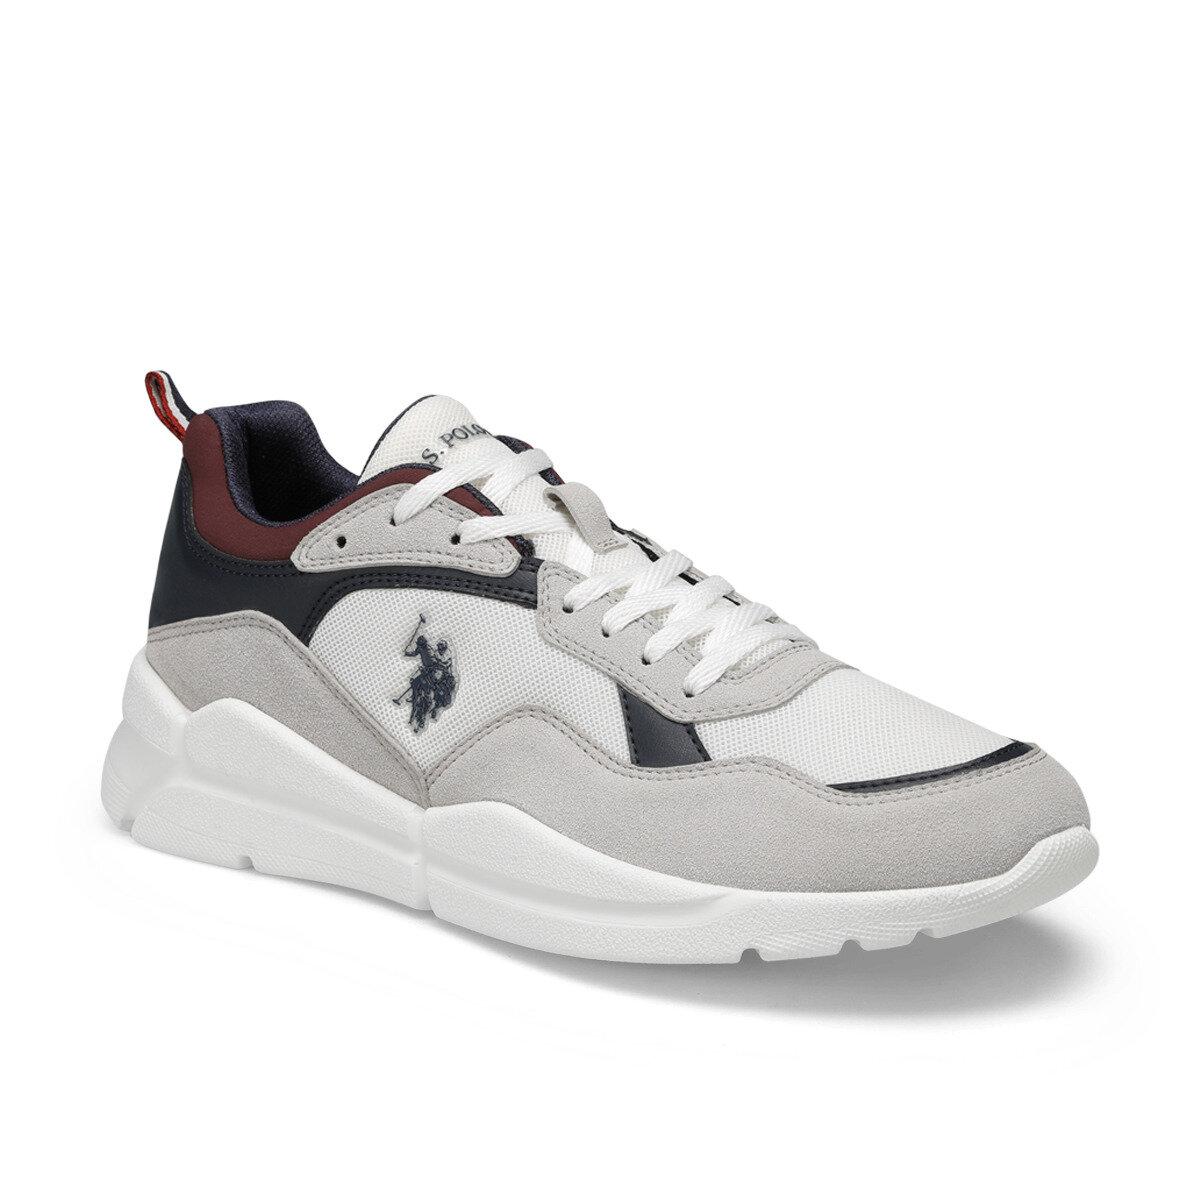 FLO CALLUM SUMMER White Men 'S Sneaker